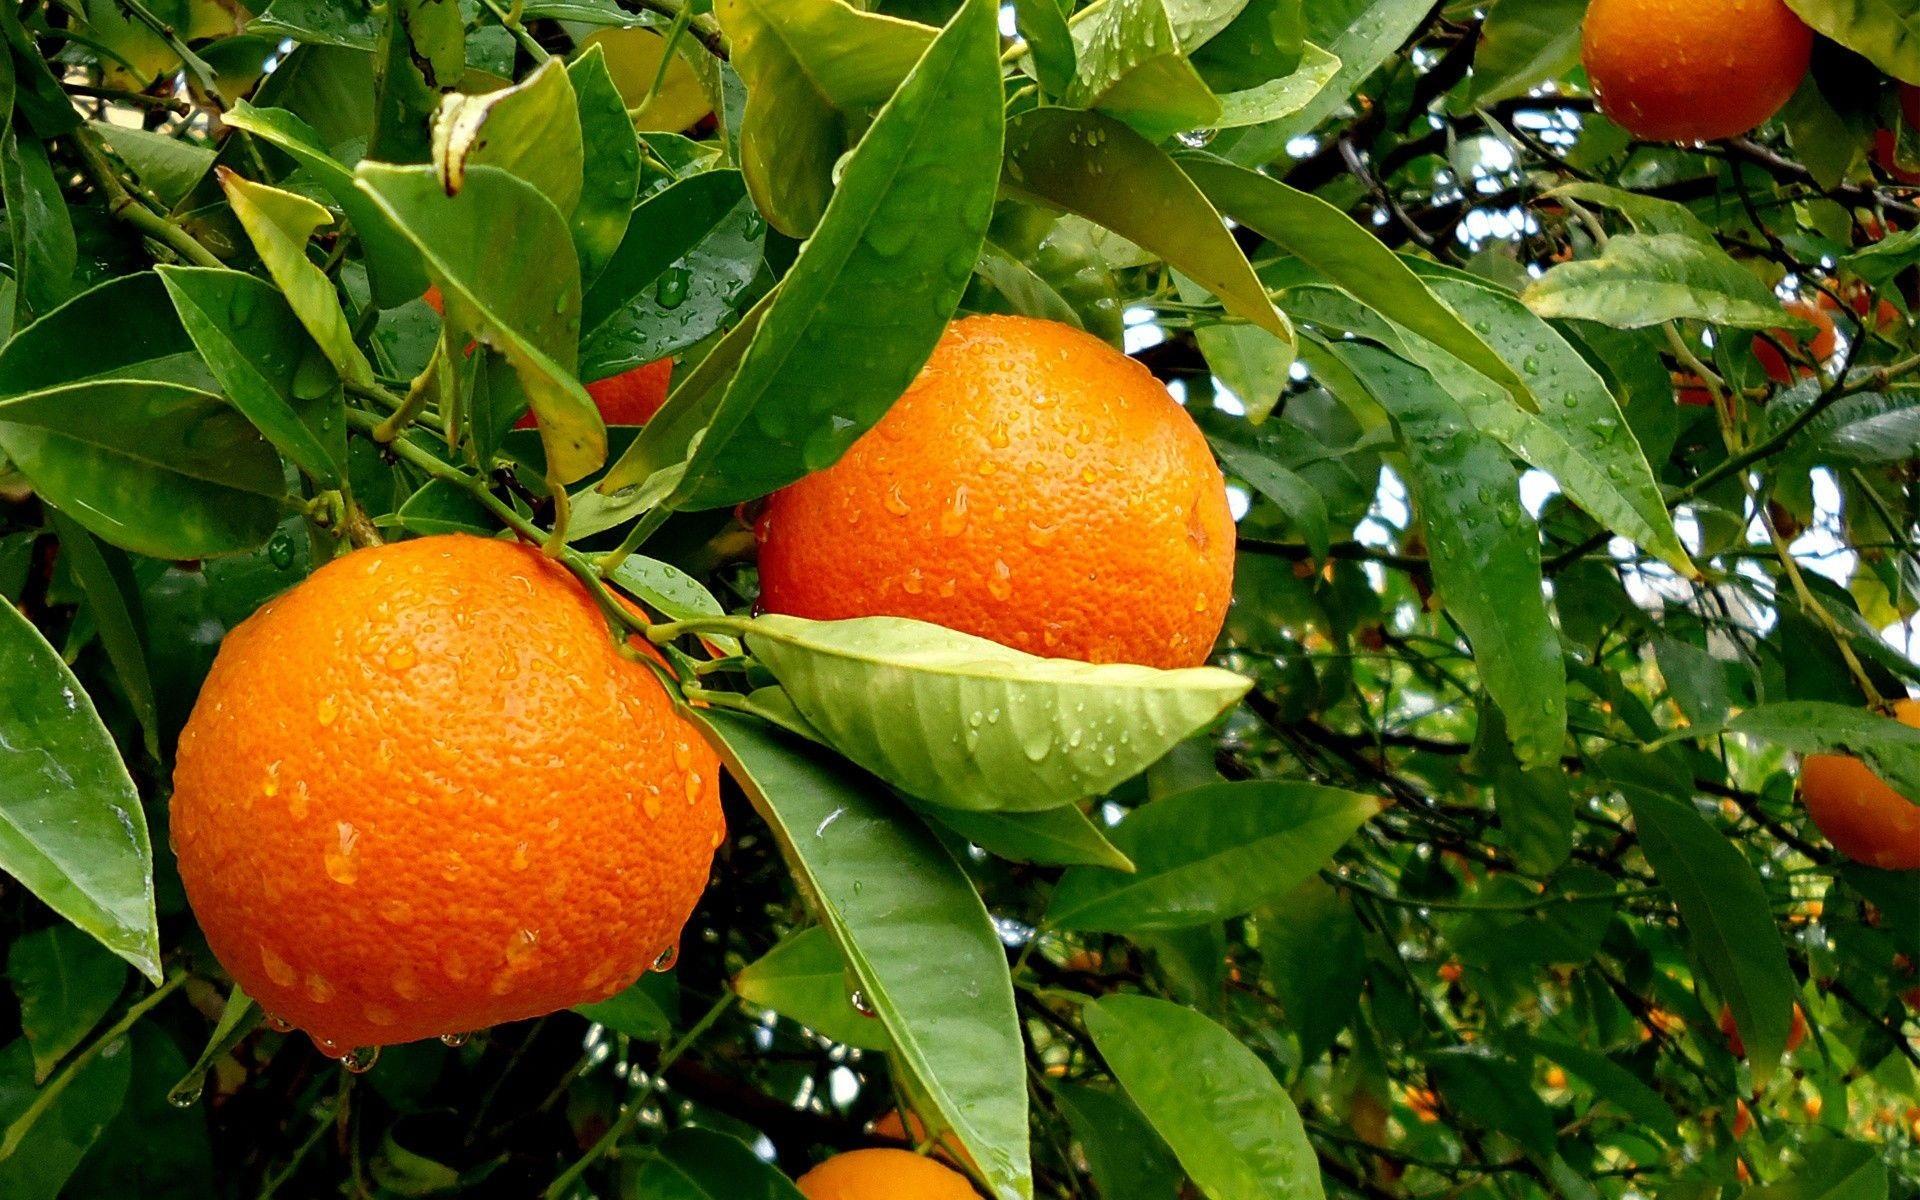 संत्र्याला स्वत:चा एक छान सुवास असतो,त्यामुळे अत्तरांमध्ये त्याचा समावेश केला जातो.